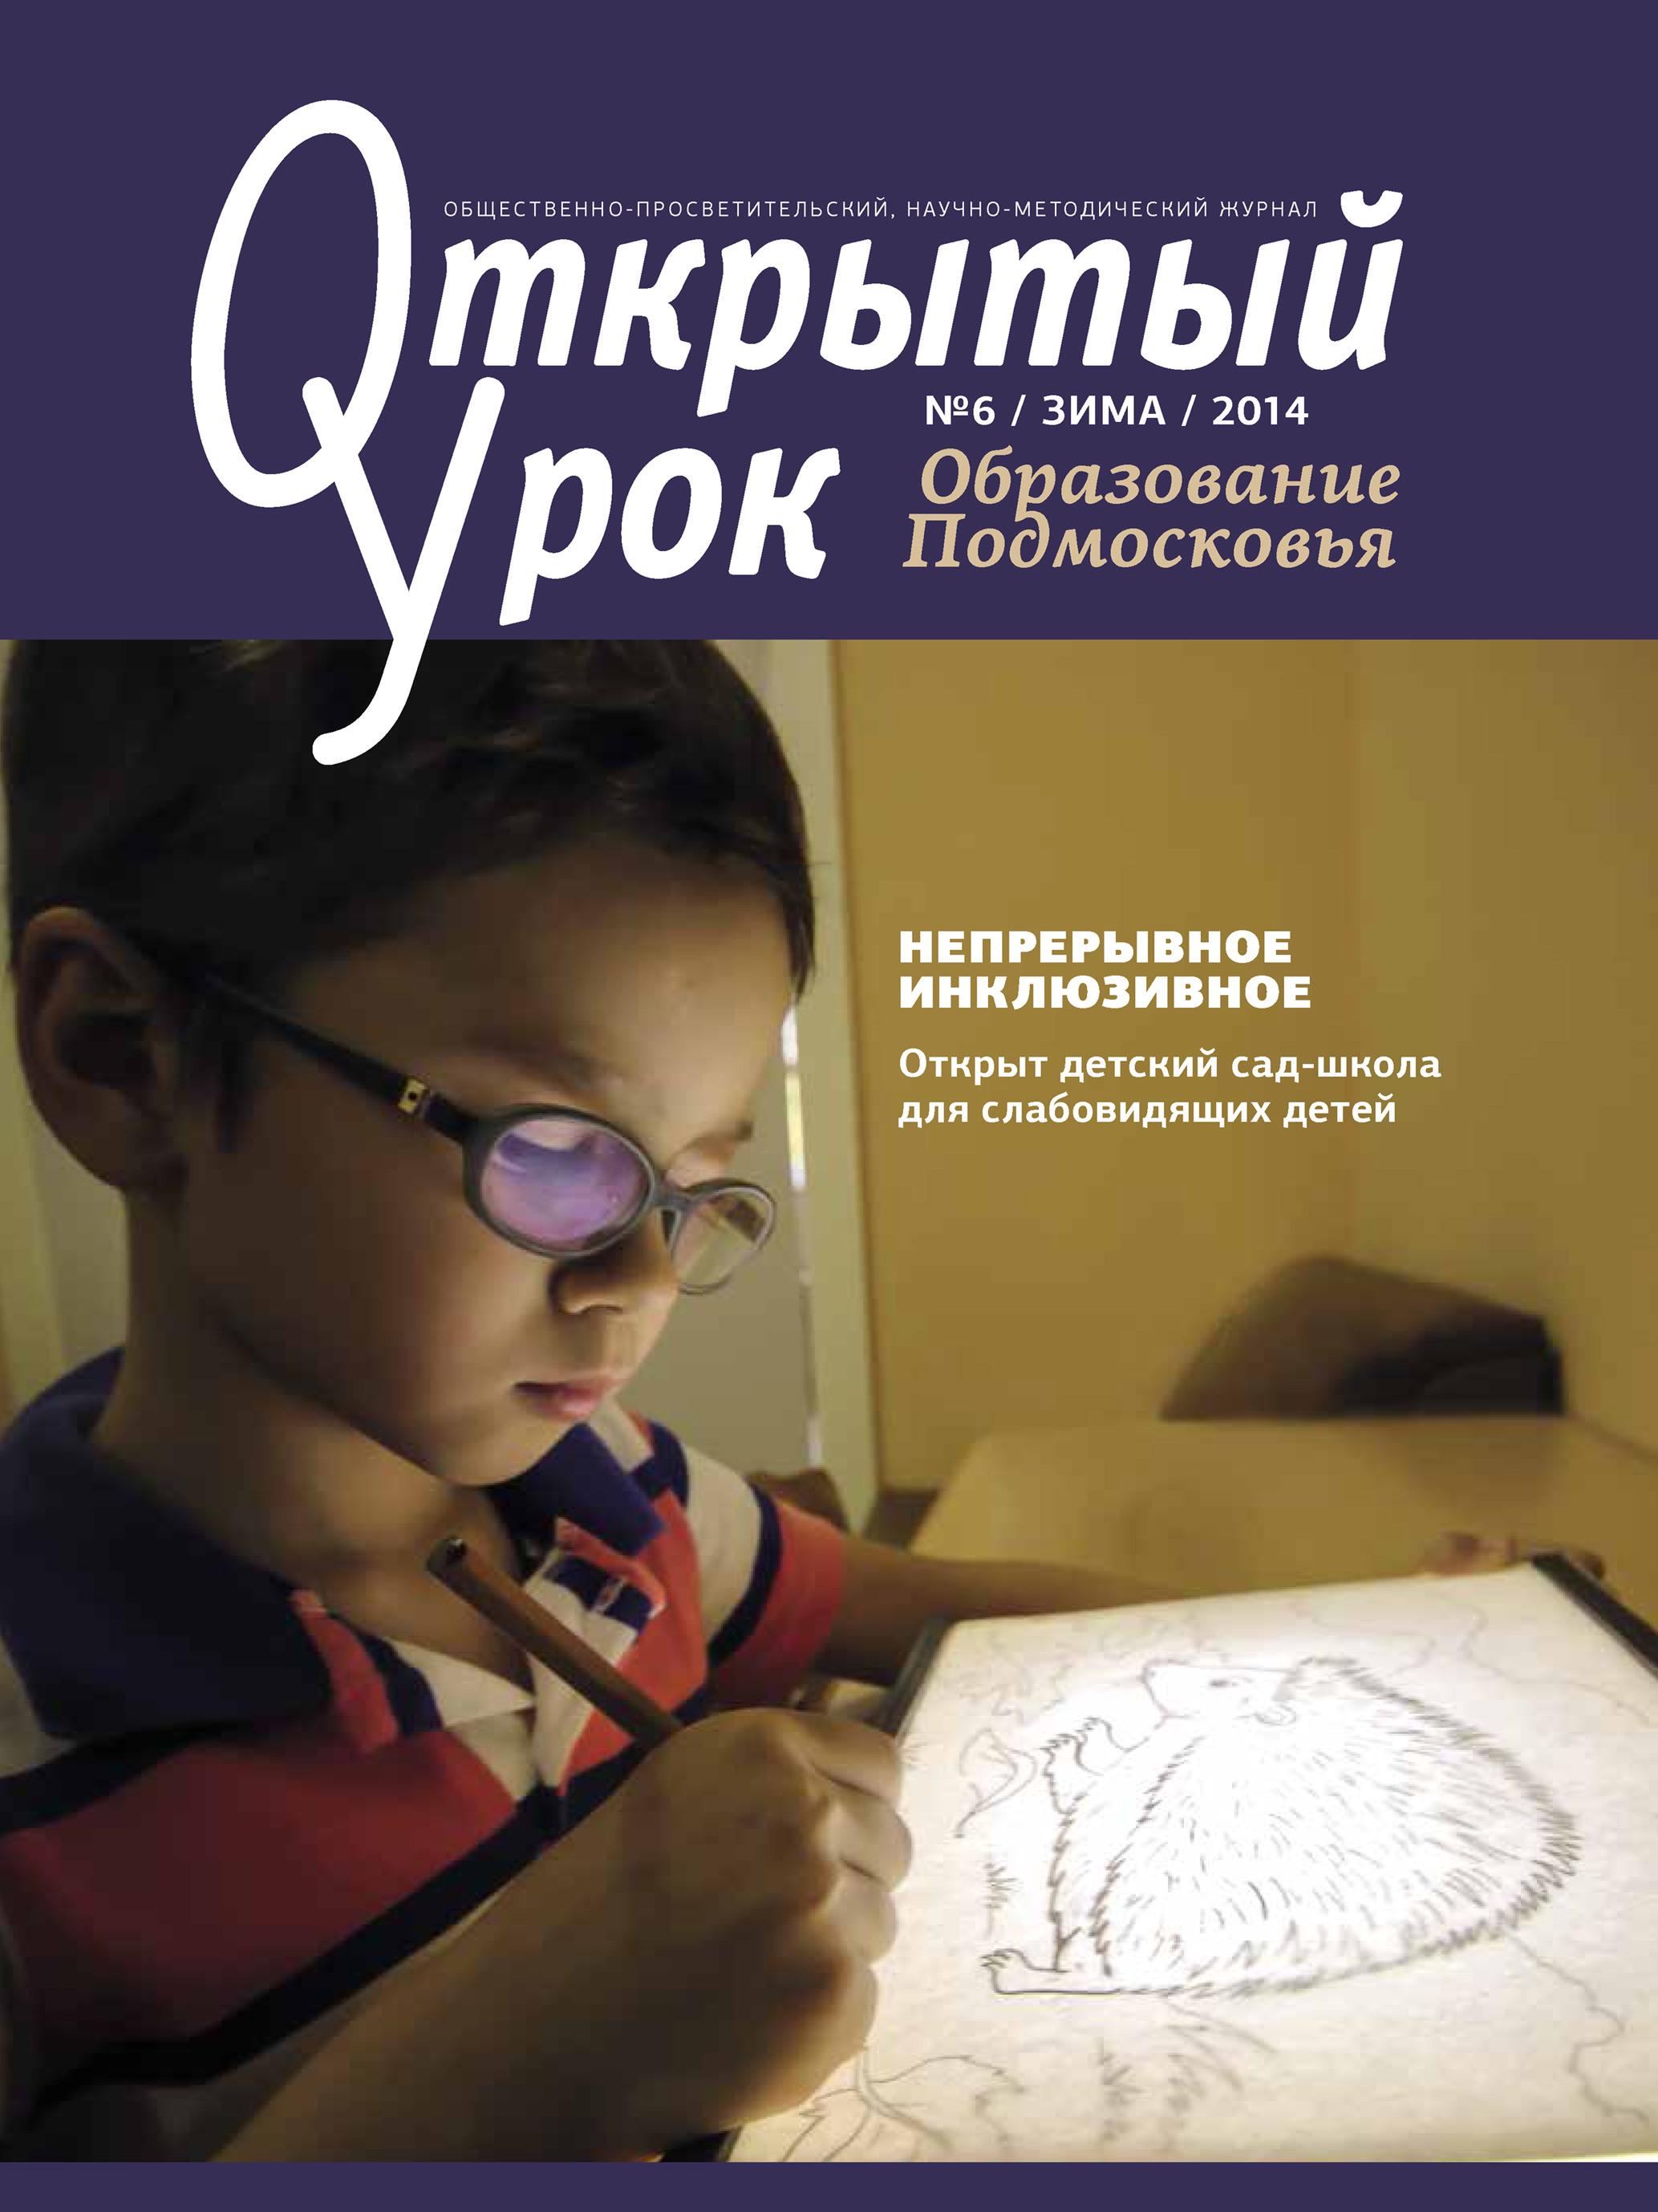 Журнал открытое образование архив, днем